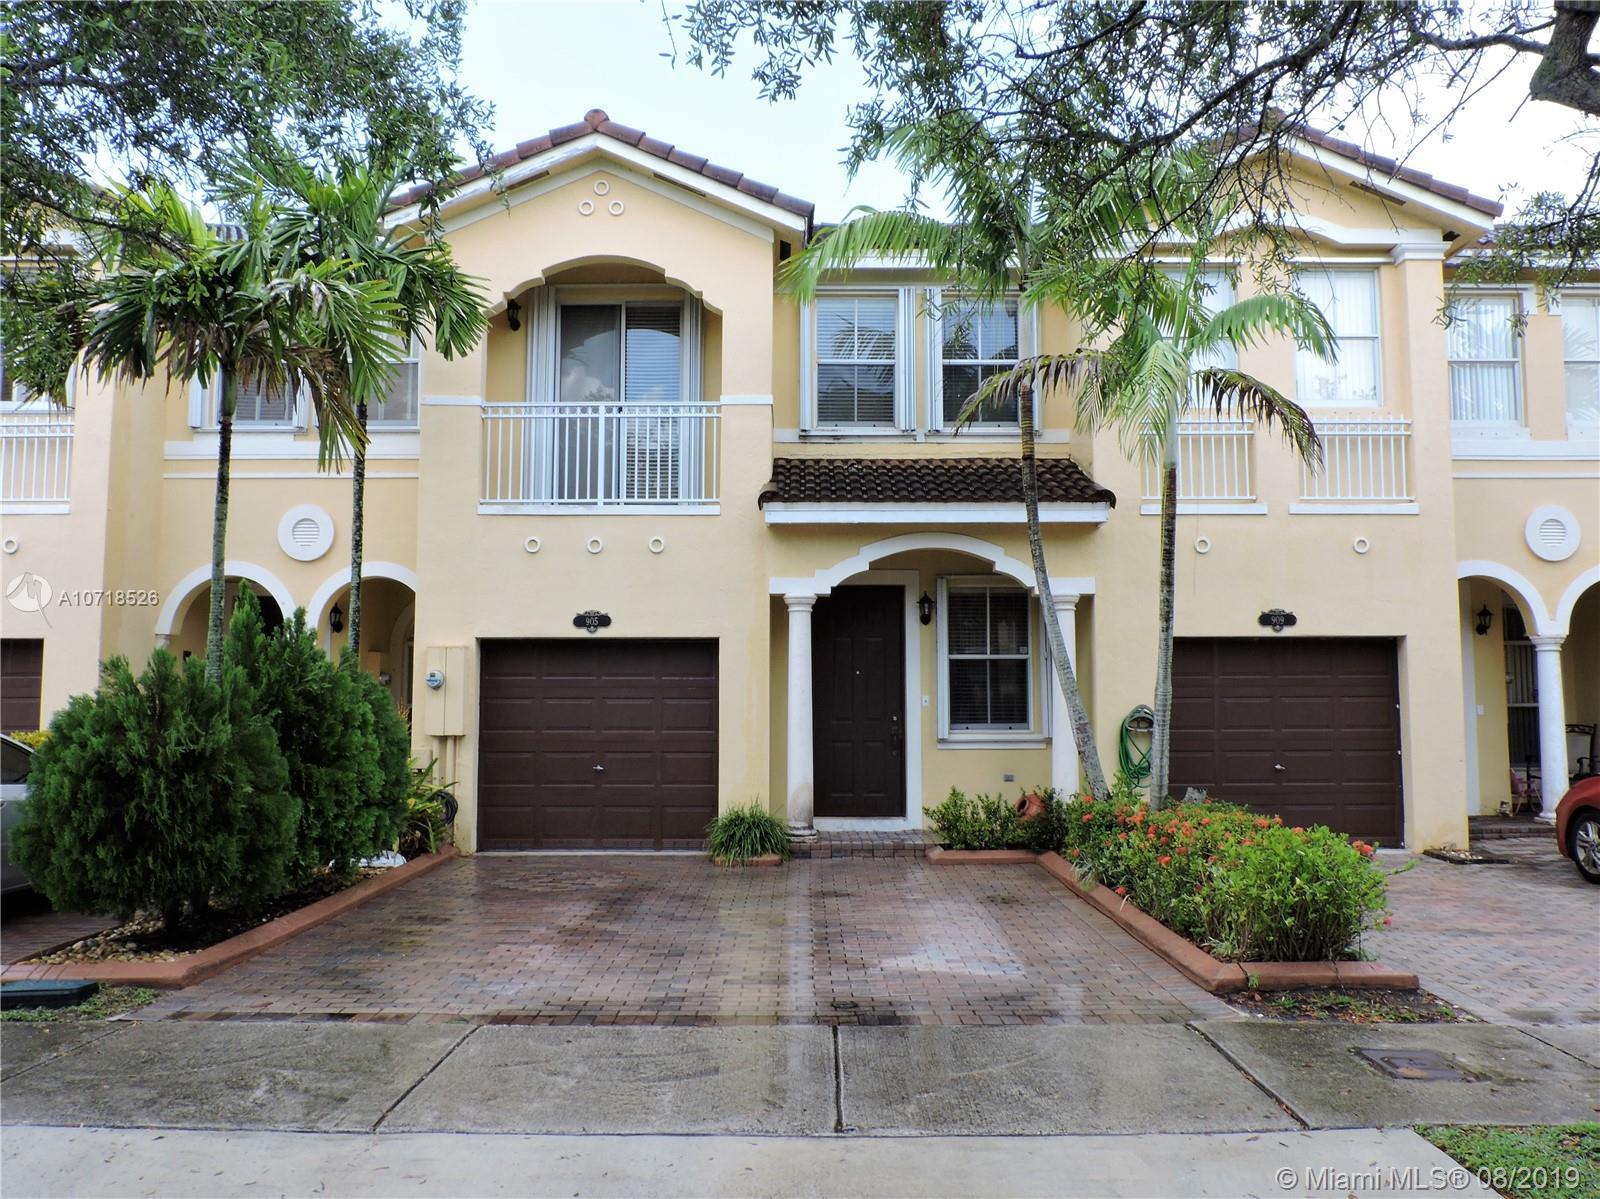 905 SW 151st Pl none, Miami, FL 33194